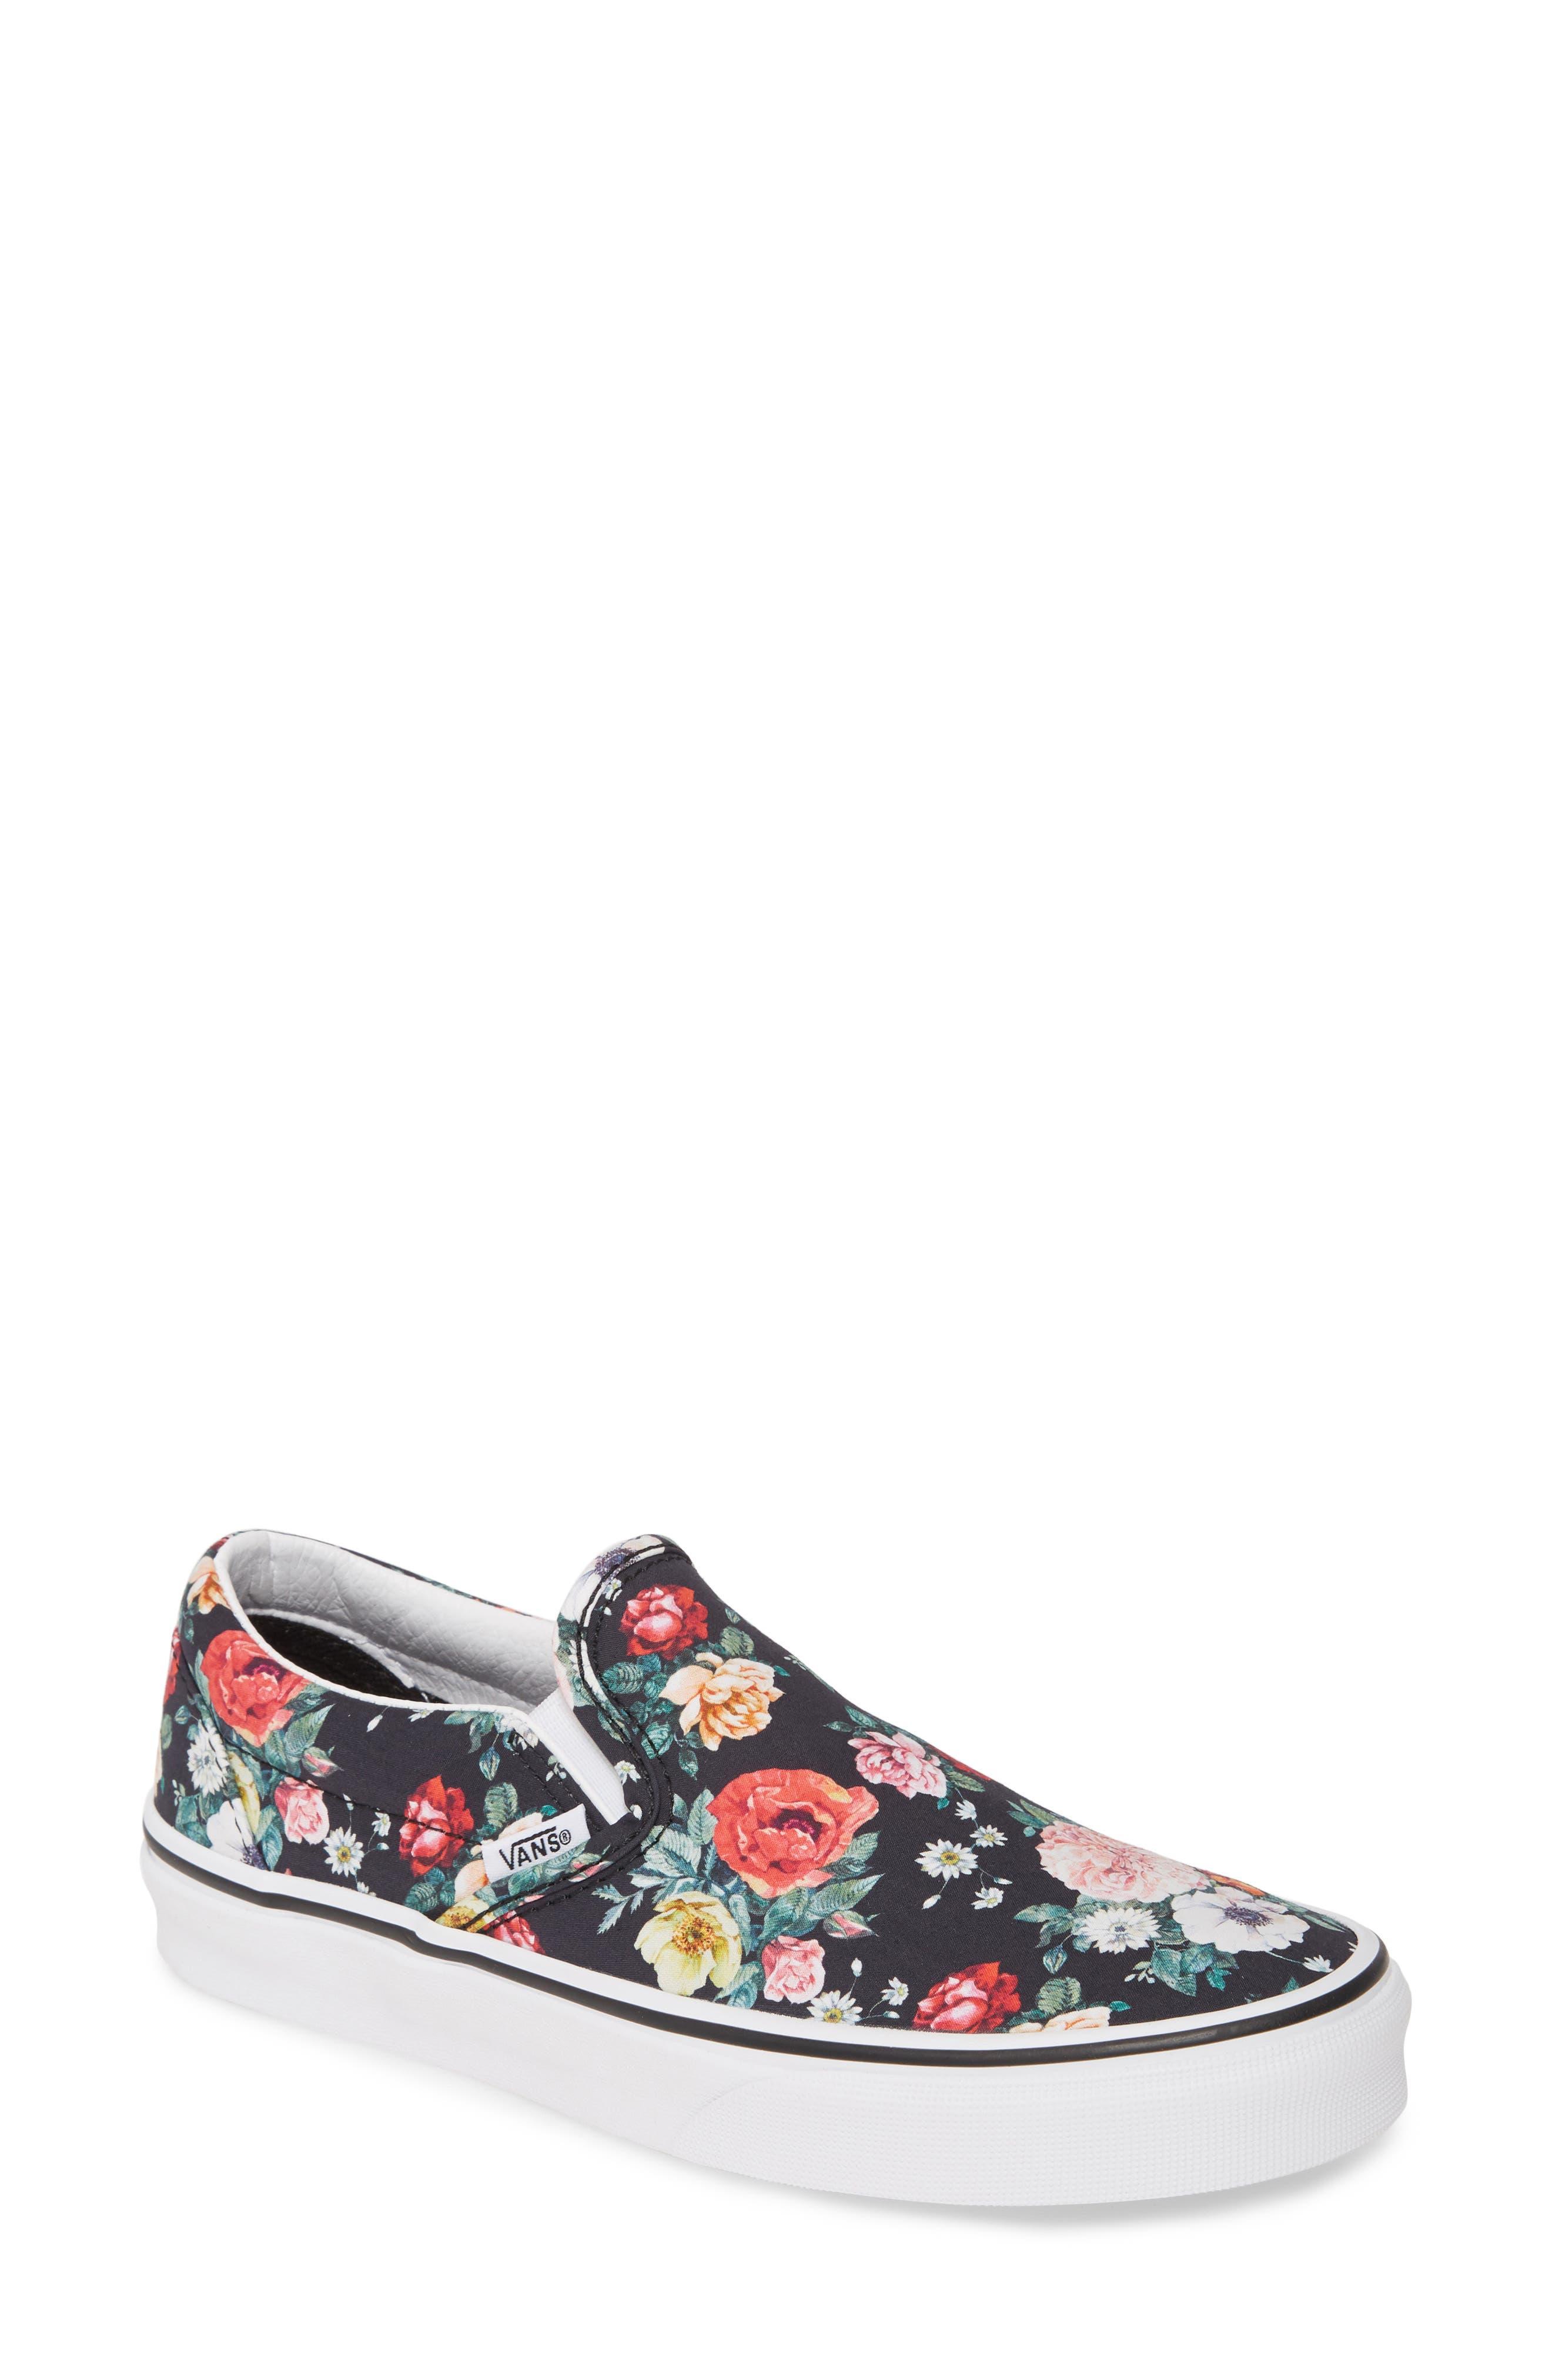 Vans Classic Slip-On Sneaker, White